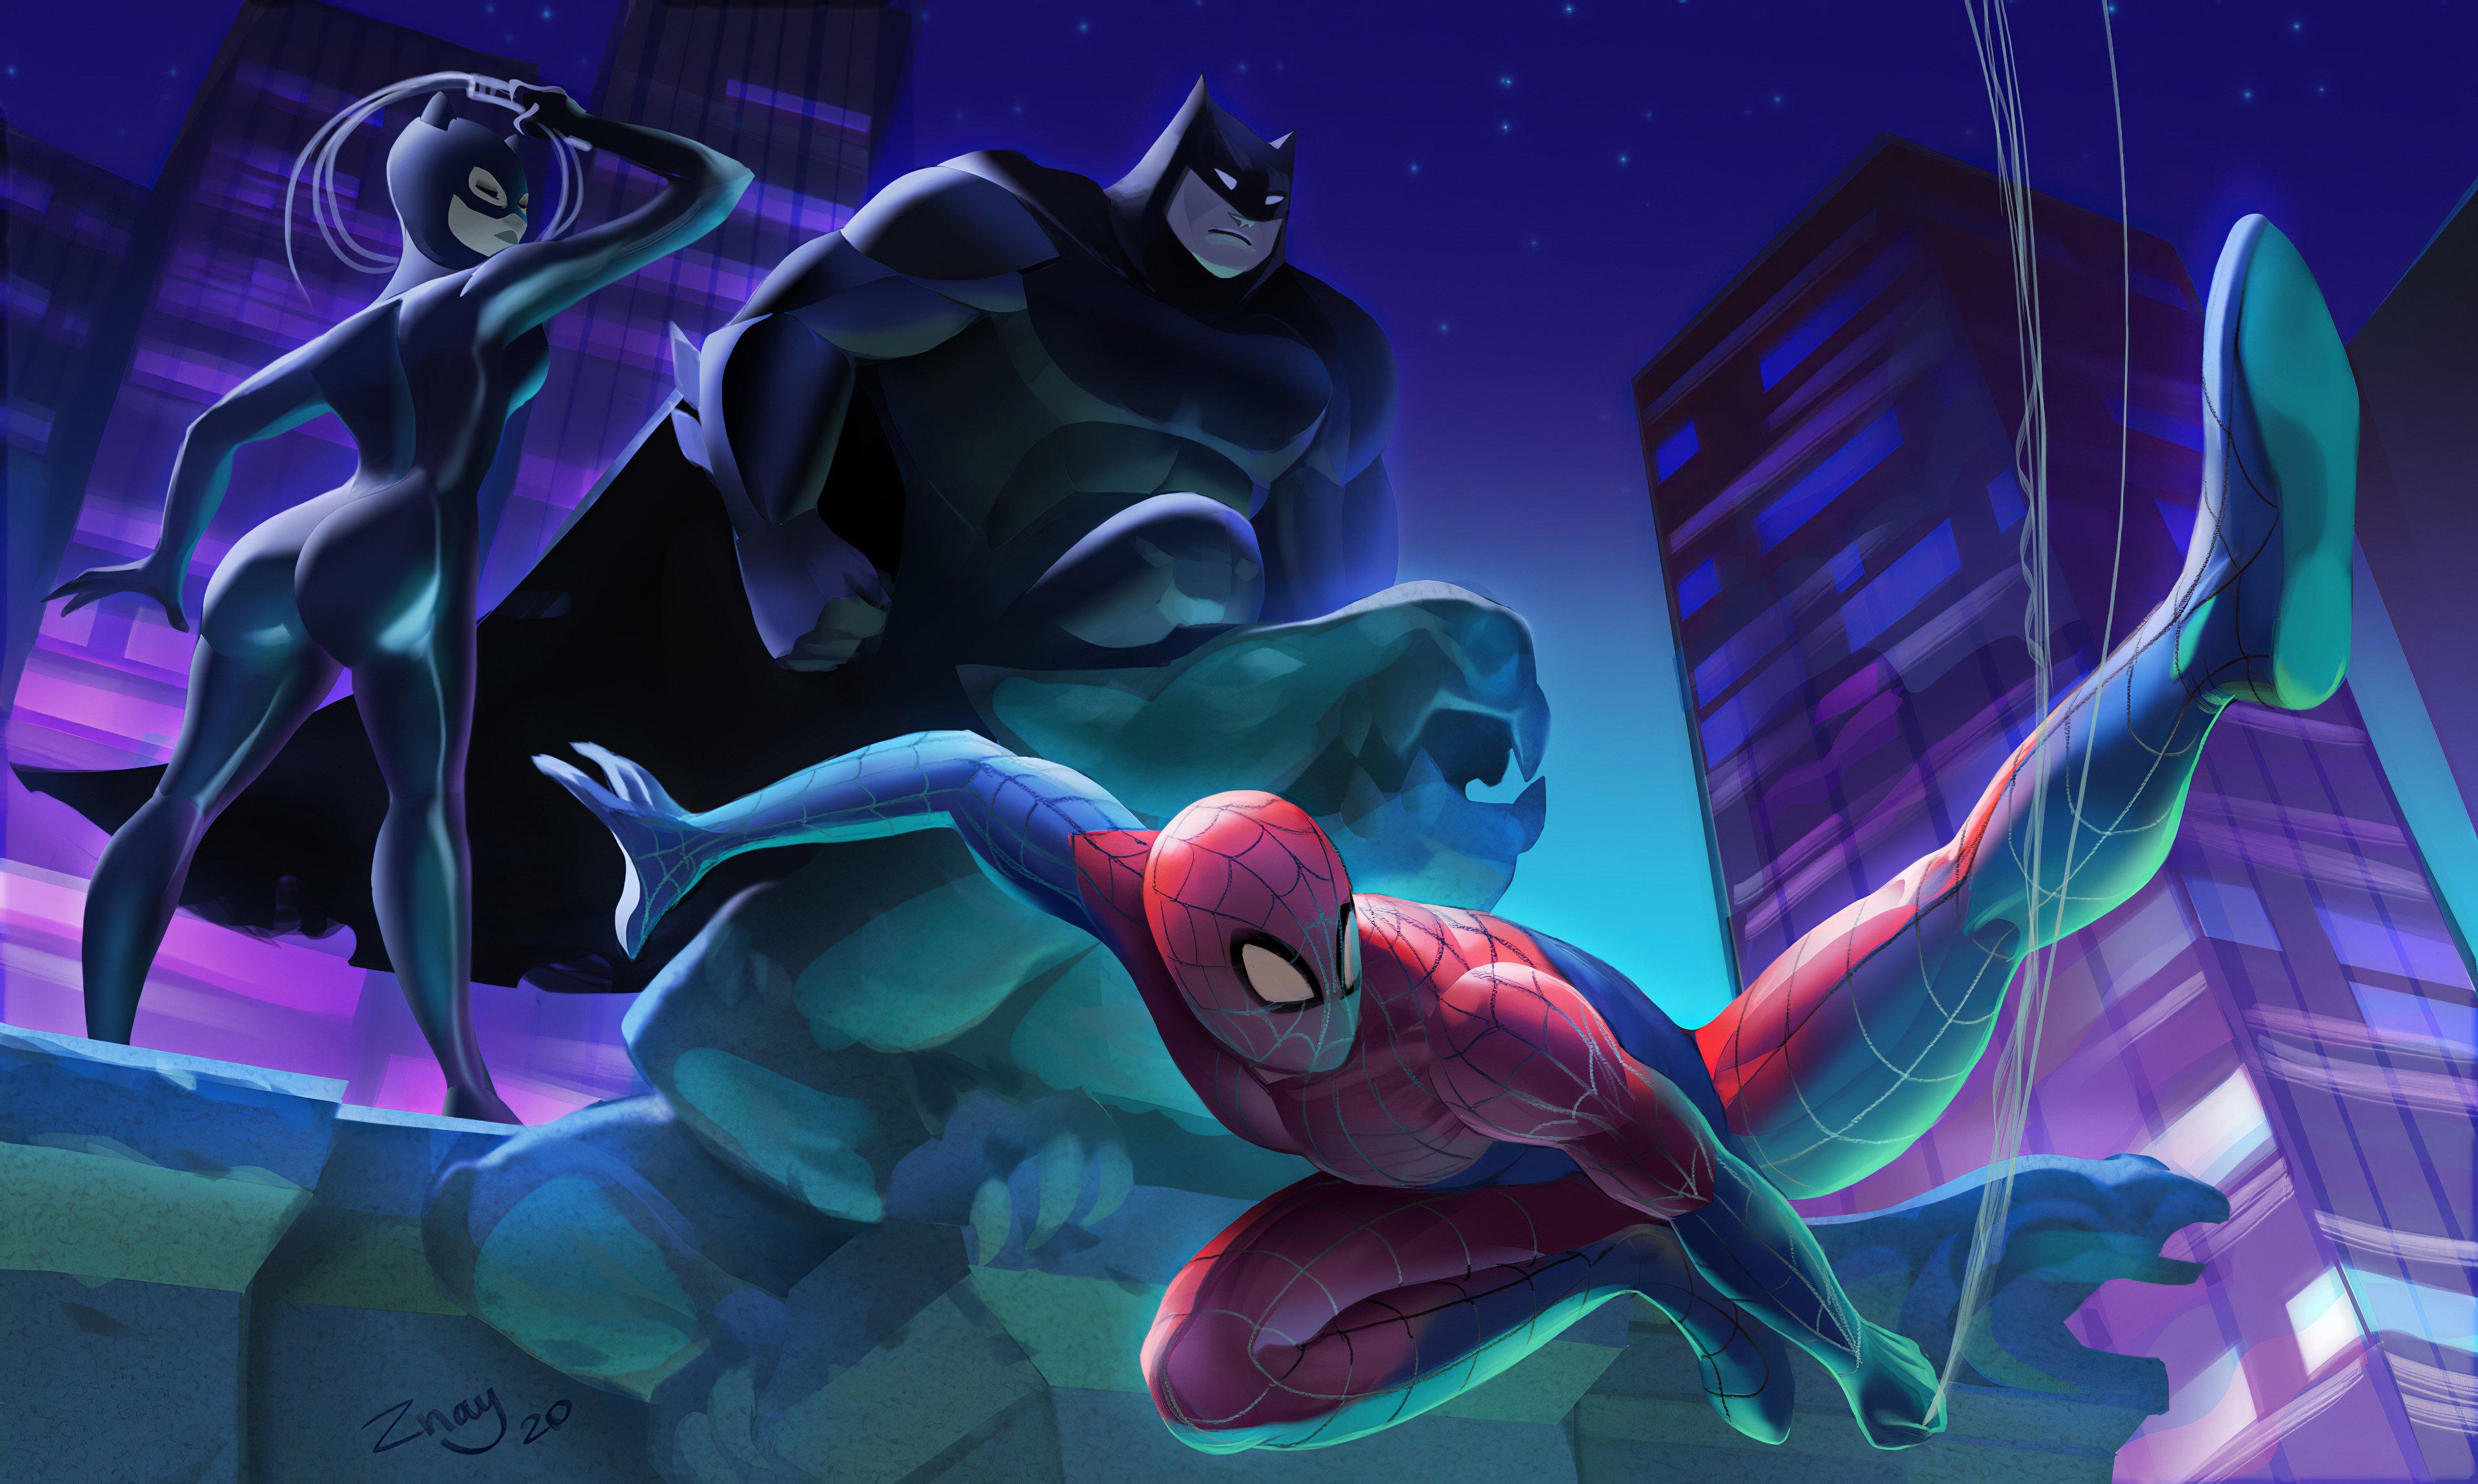 Fondos de pantalla Batman, el hombre araña y Gatubela Fanart